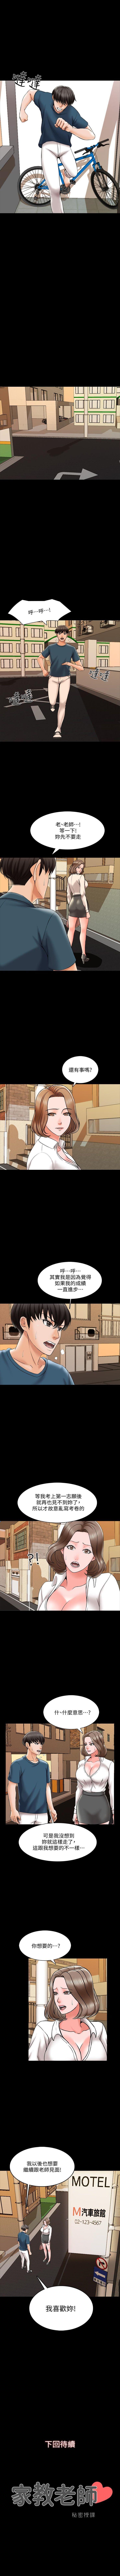 家教老師 1-42 官方中文(連載中) 121